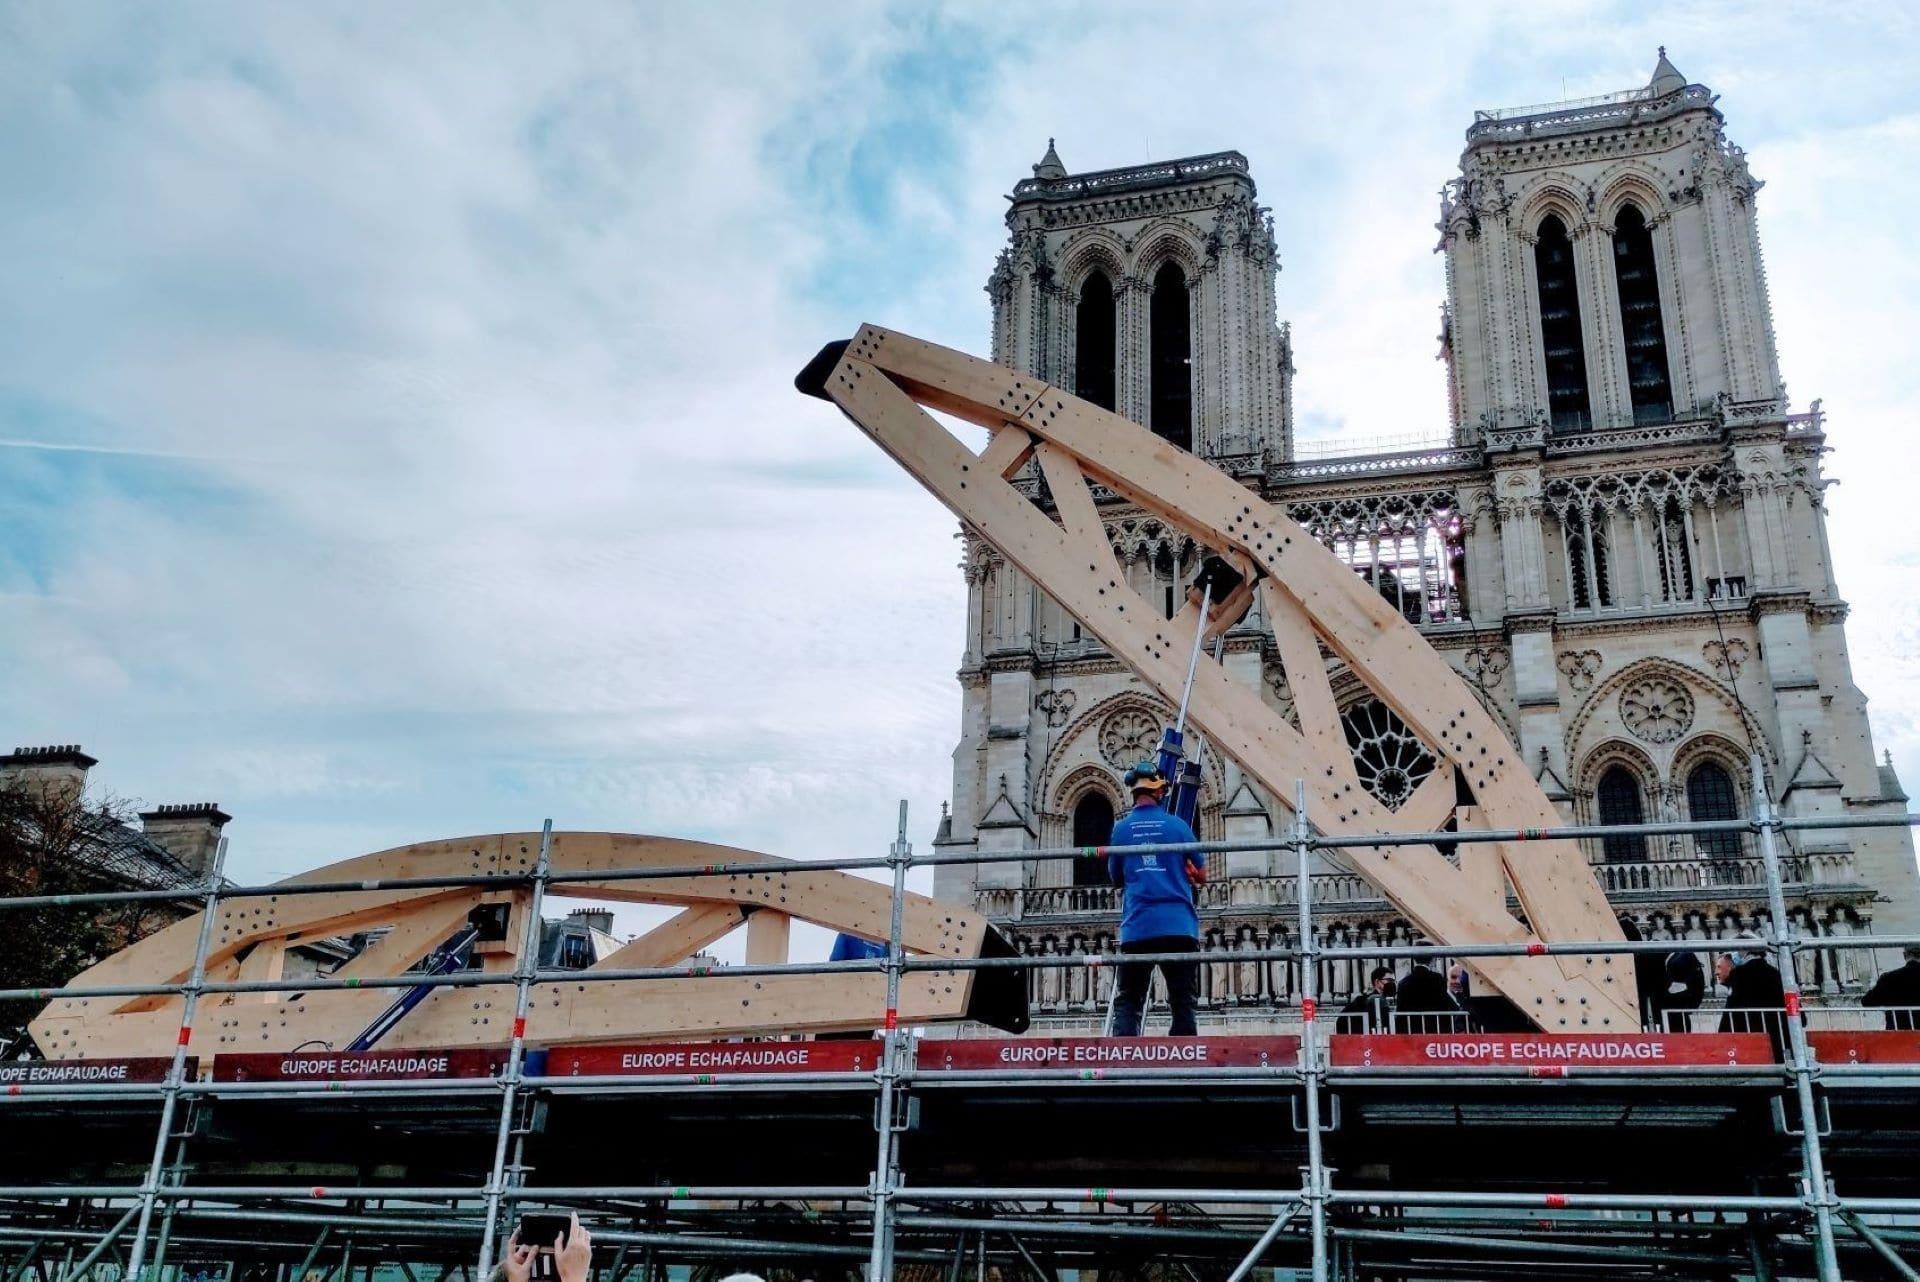 Journées du patrimoine : métiers d'art et chantier de Notre-Dame